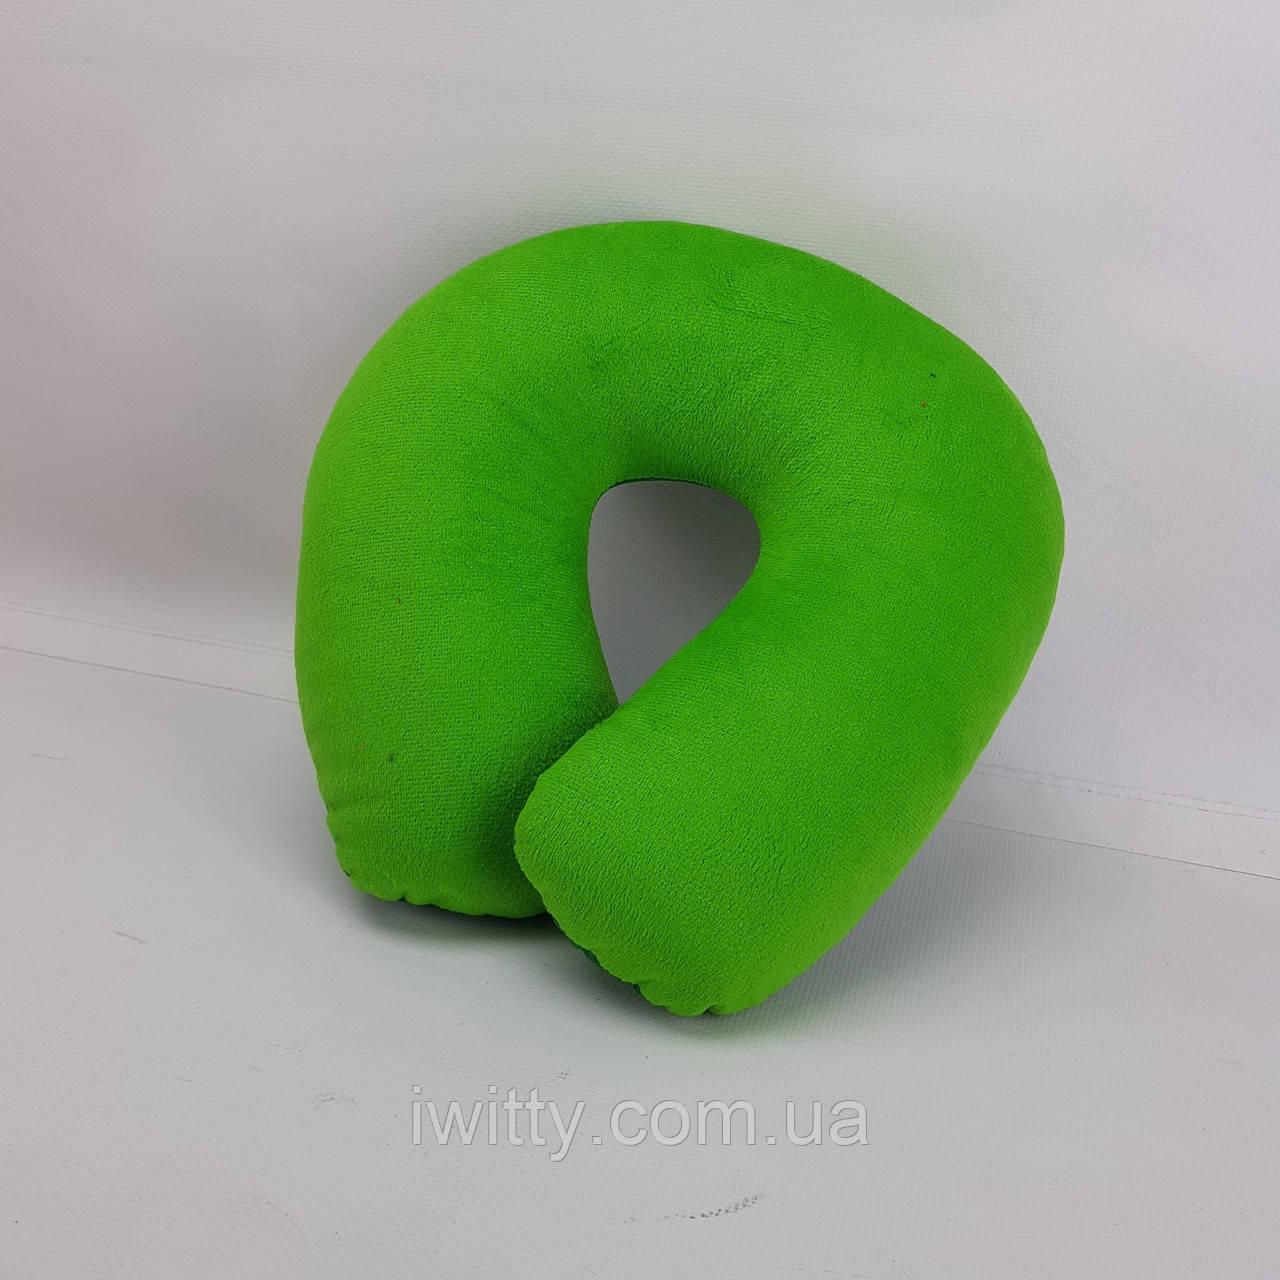 Подушка ортопедична підкова для подорожей Зелена